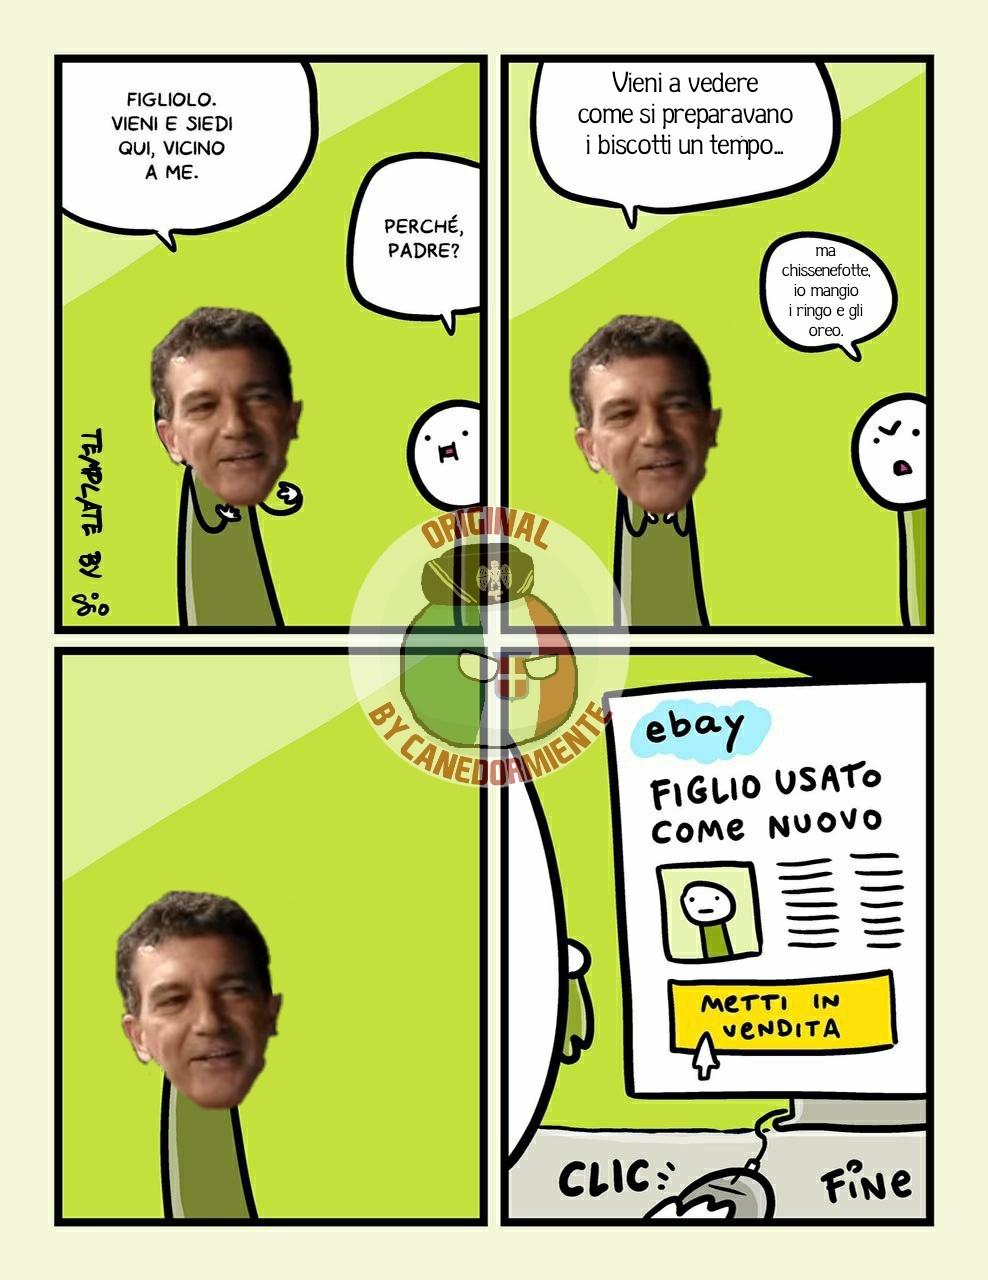 Banderas risolve tutto #2 - meme